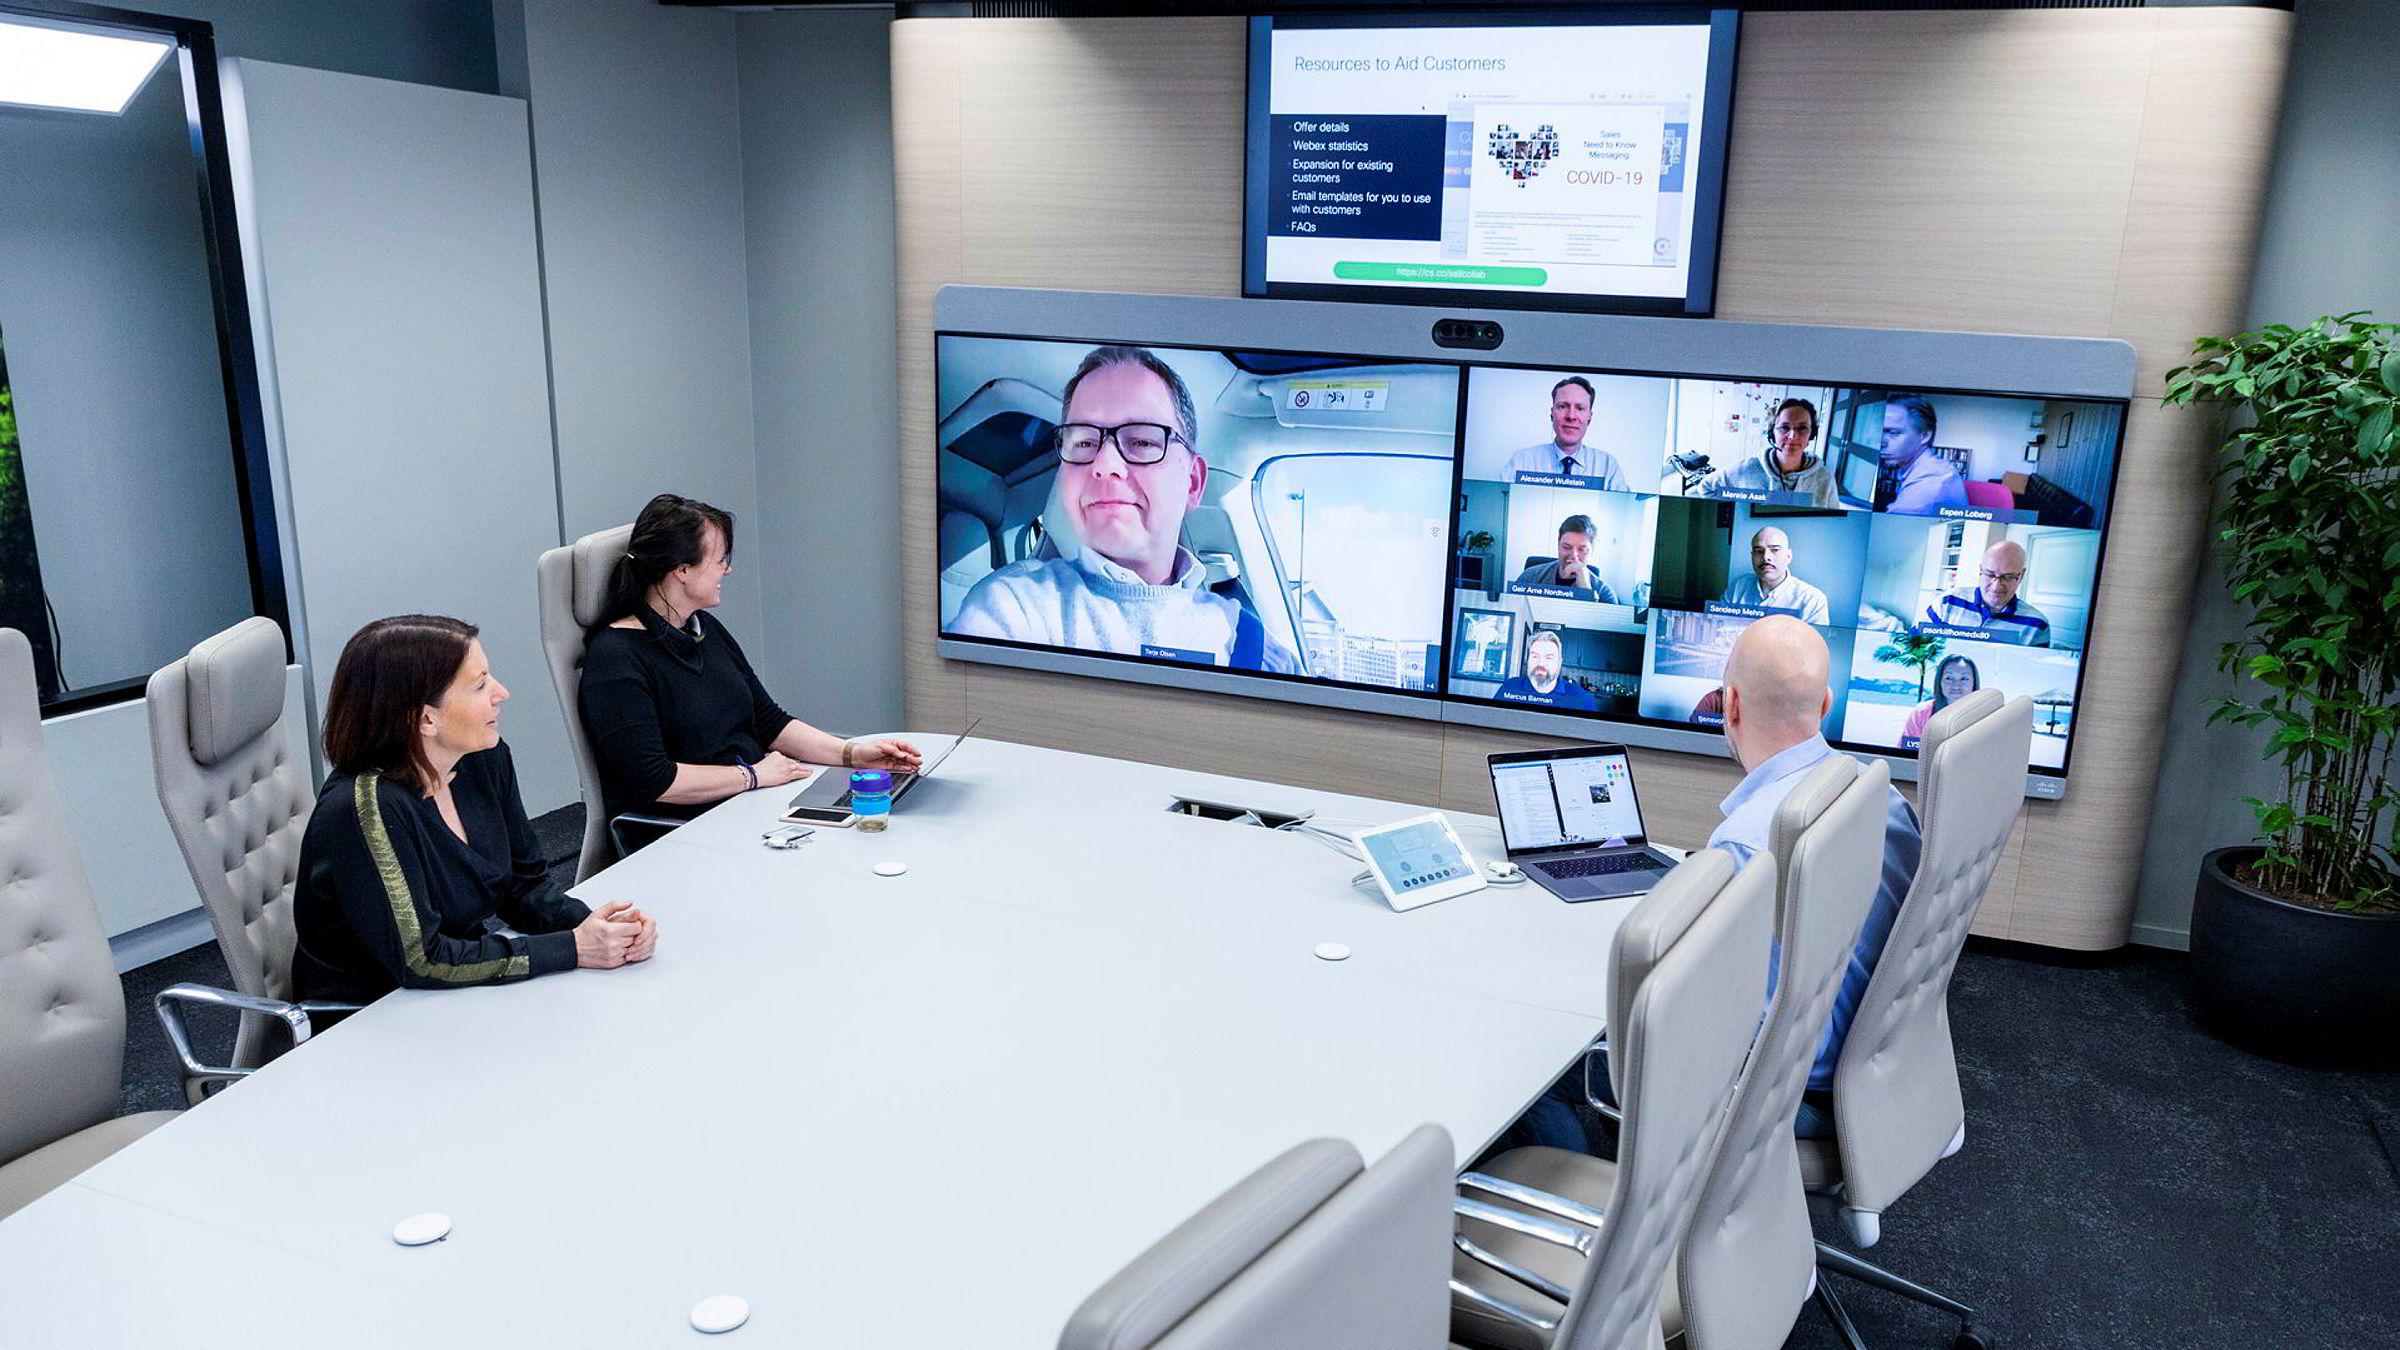 Administrerende direktør Trine Strømsnes (til venstre) i Cisco Norge under møte i ledergruppen. På det store bildet på skjermen følger Terje Olsen med fra sin bil.